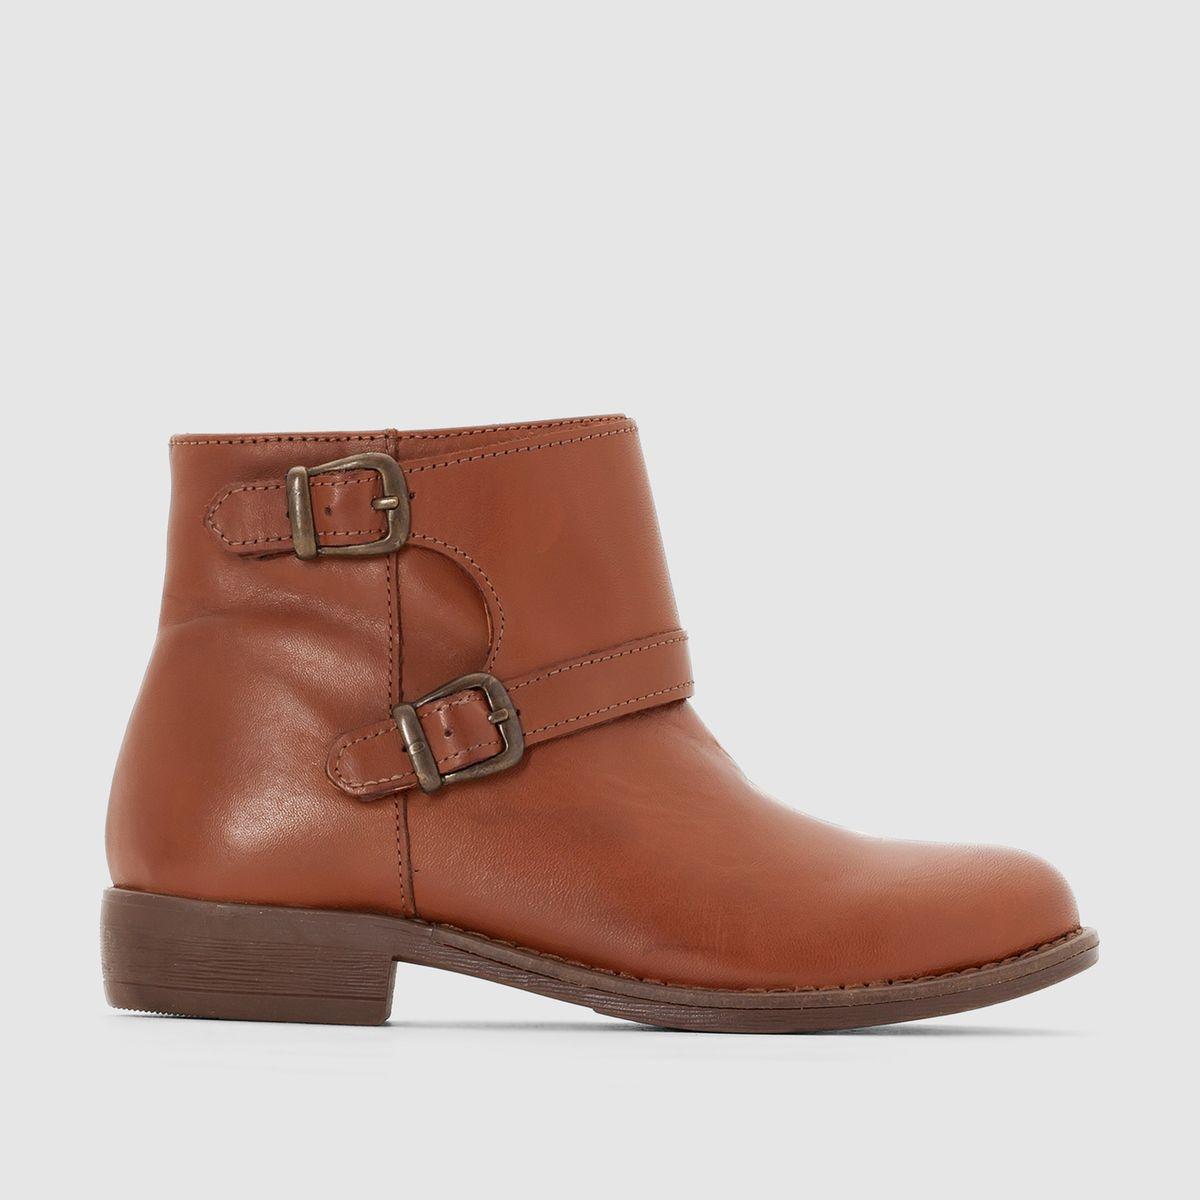 Boots cuir (vachette), zippées et double bride